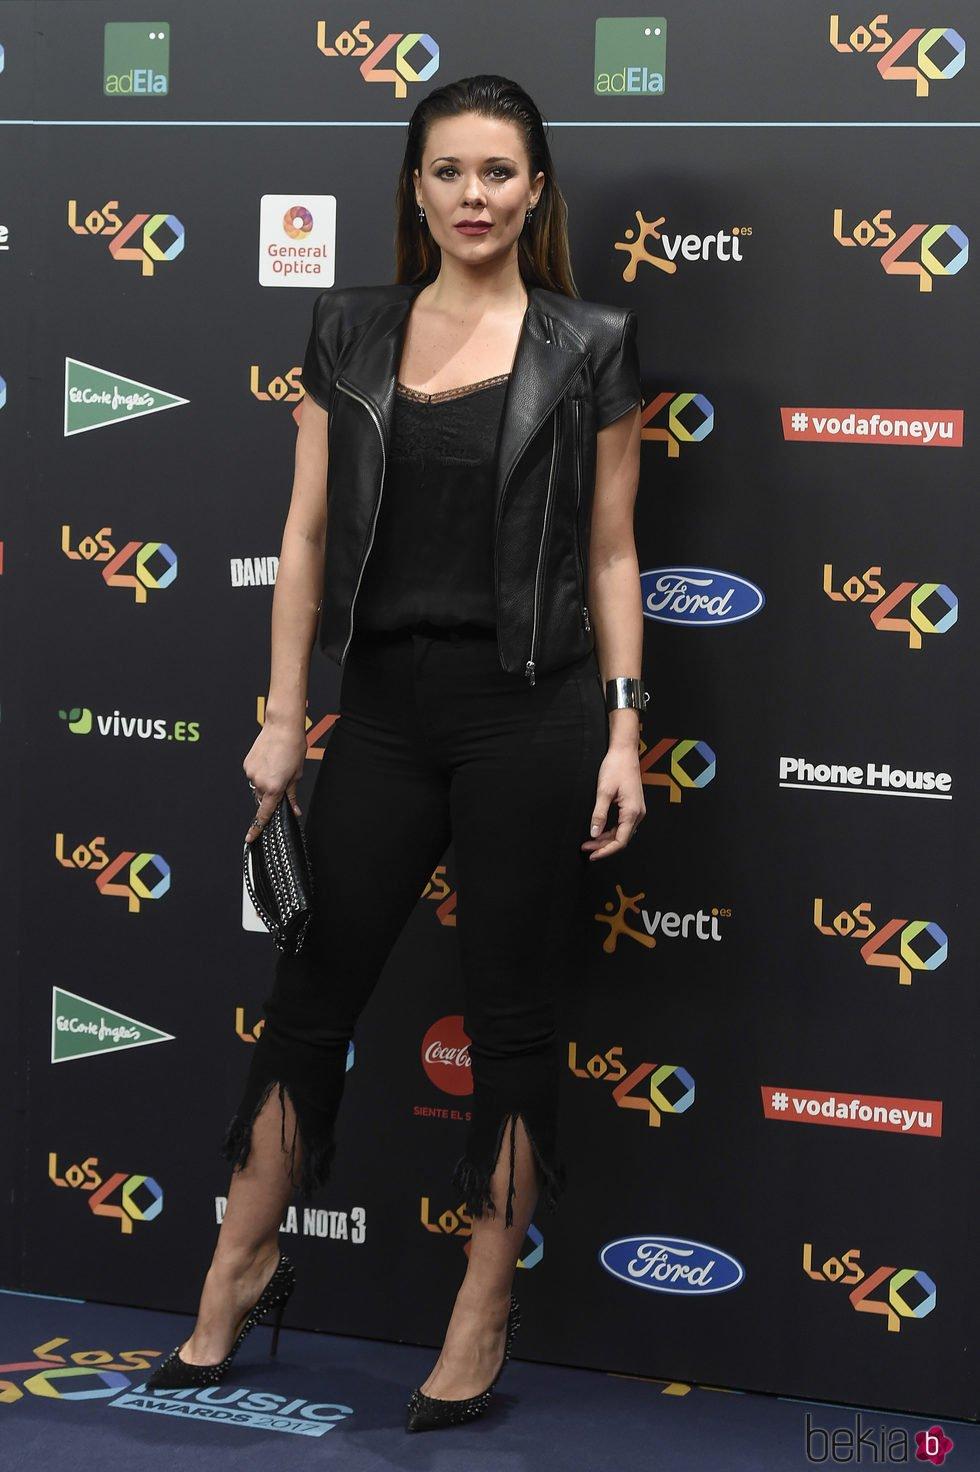 Lorena Gómez en la alfombra roja de los 40 Principales Music